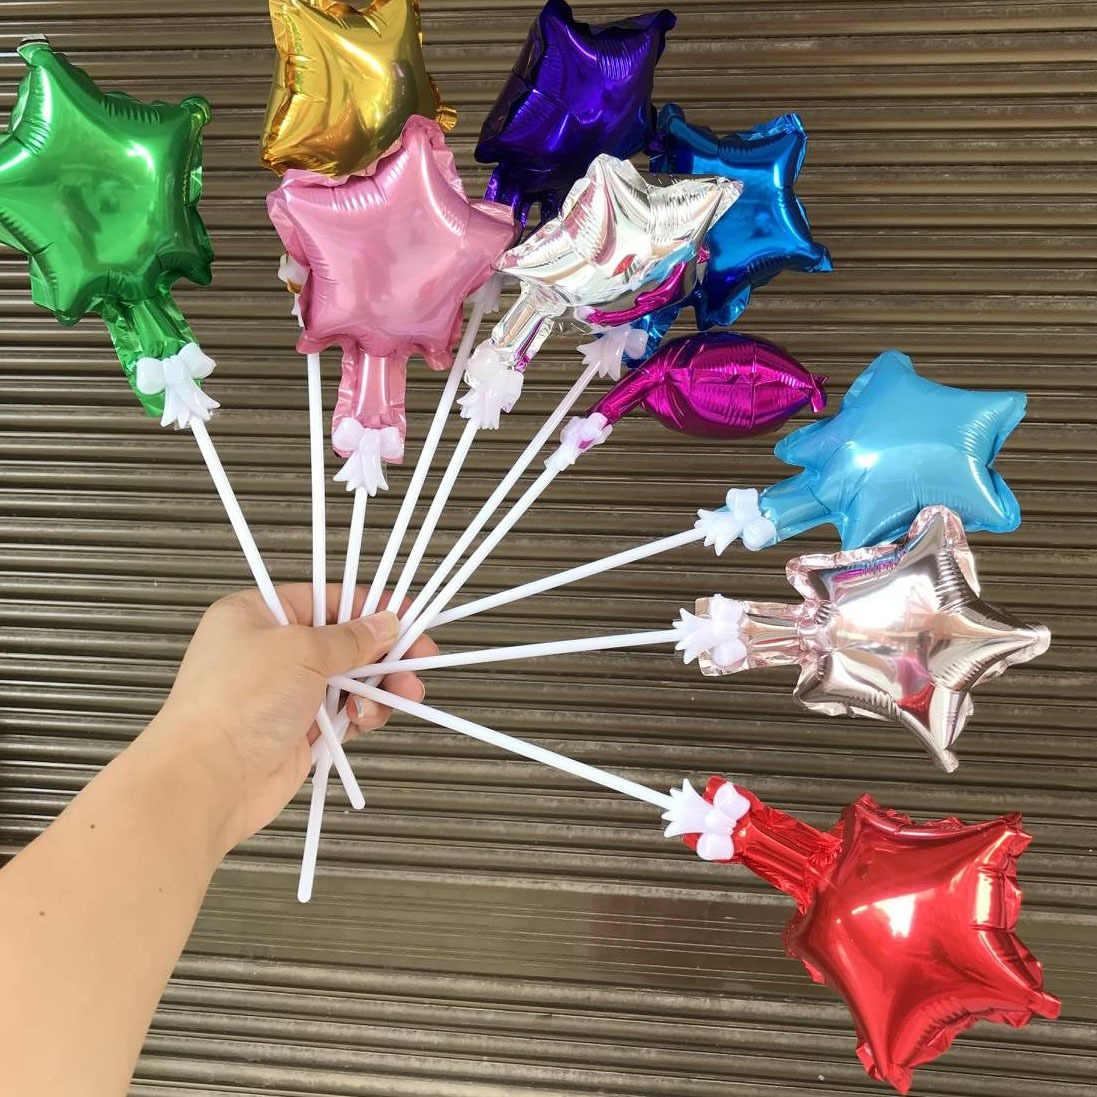 В виде звезды и сердца 5 дюймов Фольга воздушные шары торт фигурки жениха и невесты; смешанные Цвет счастливый украшение для торта ко дню рождения моноблок вечерние аксессуары